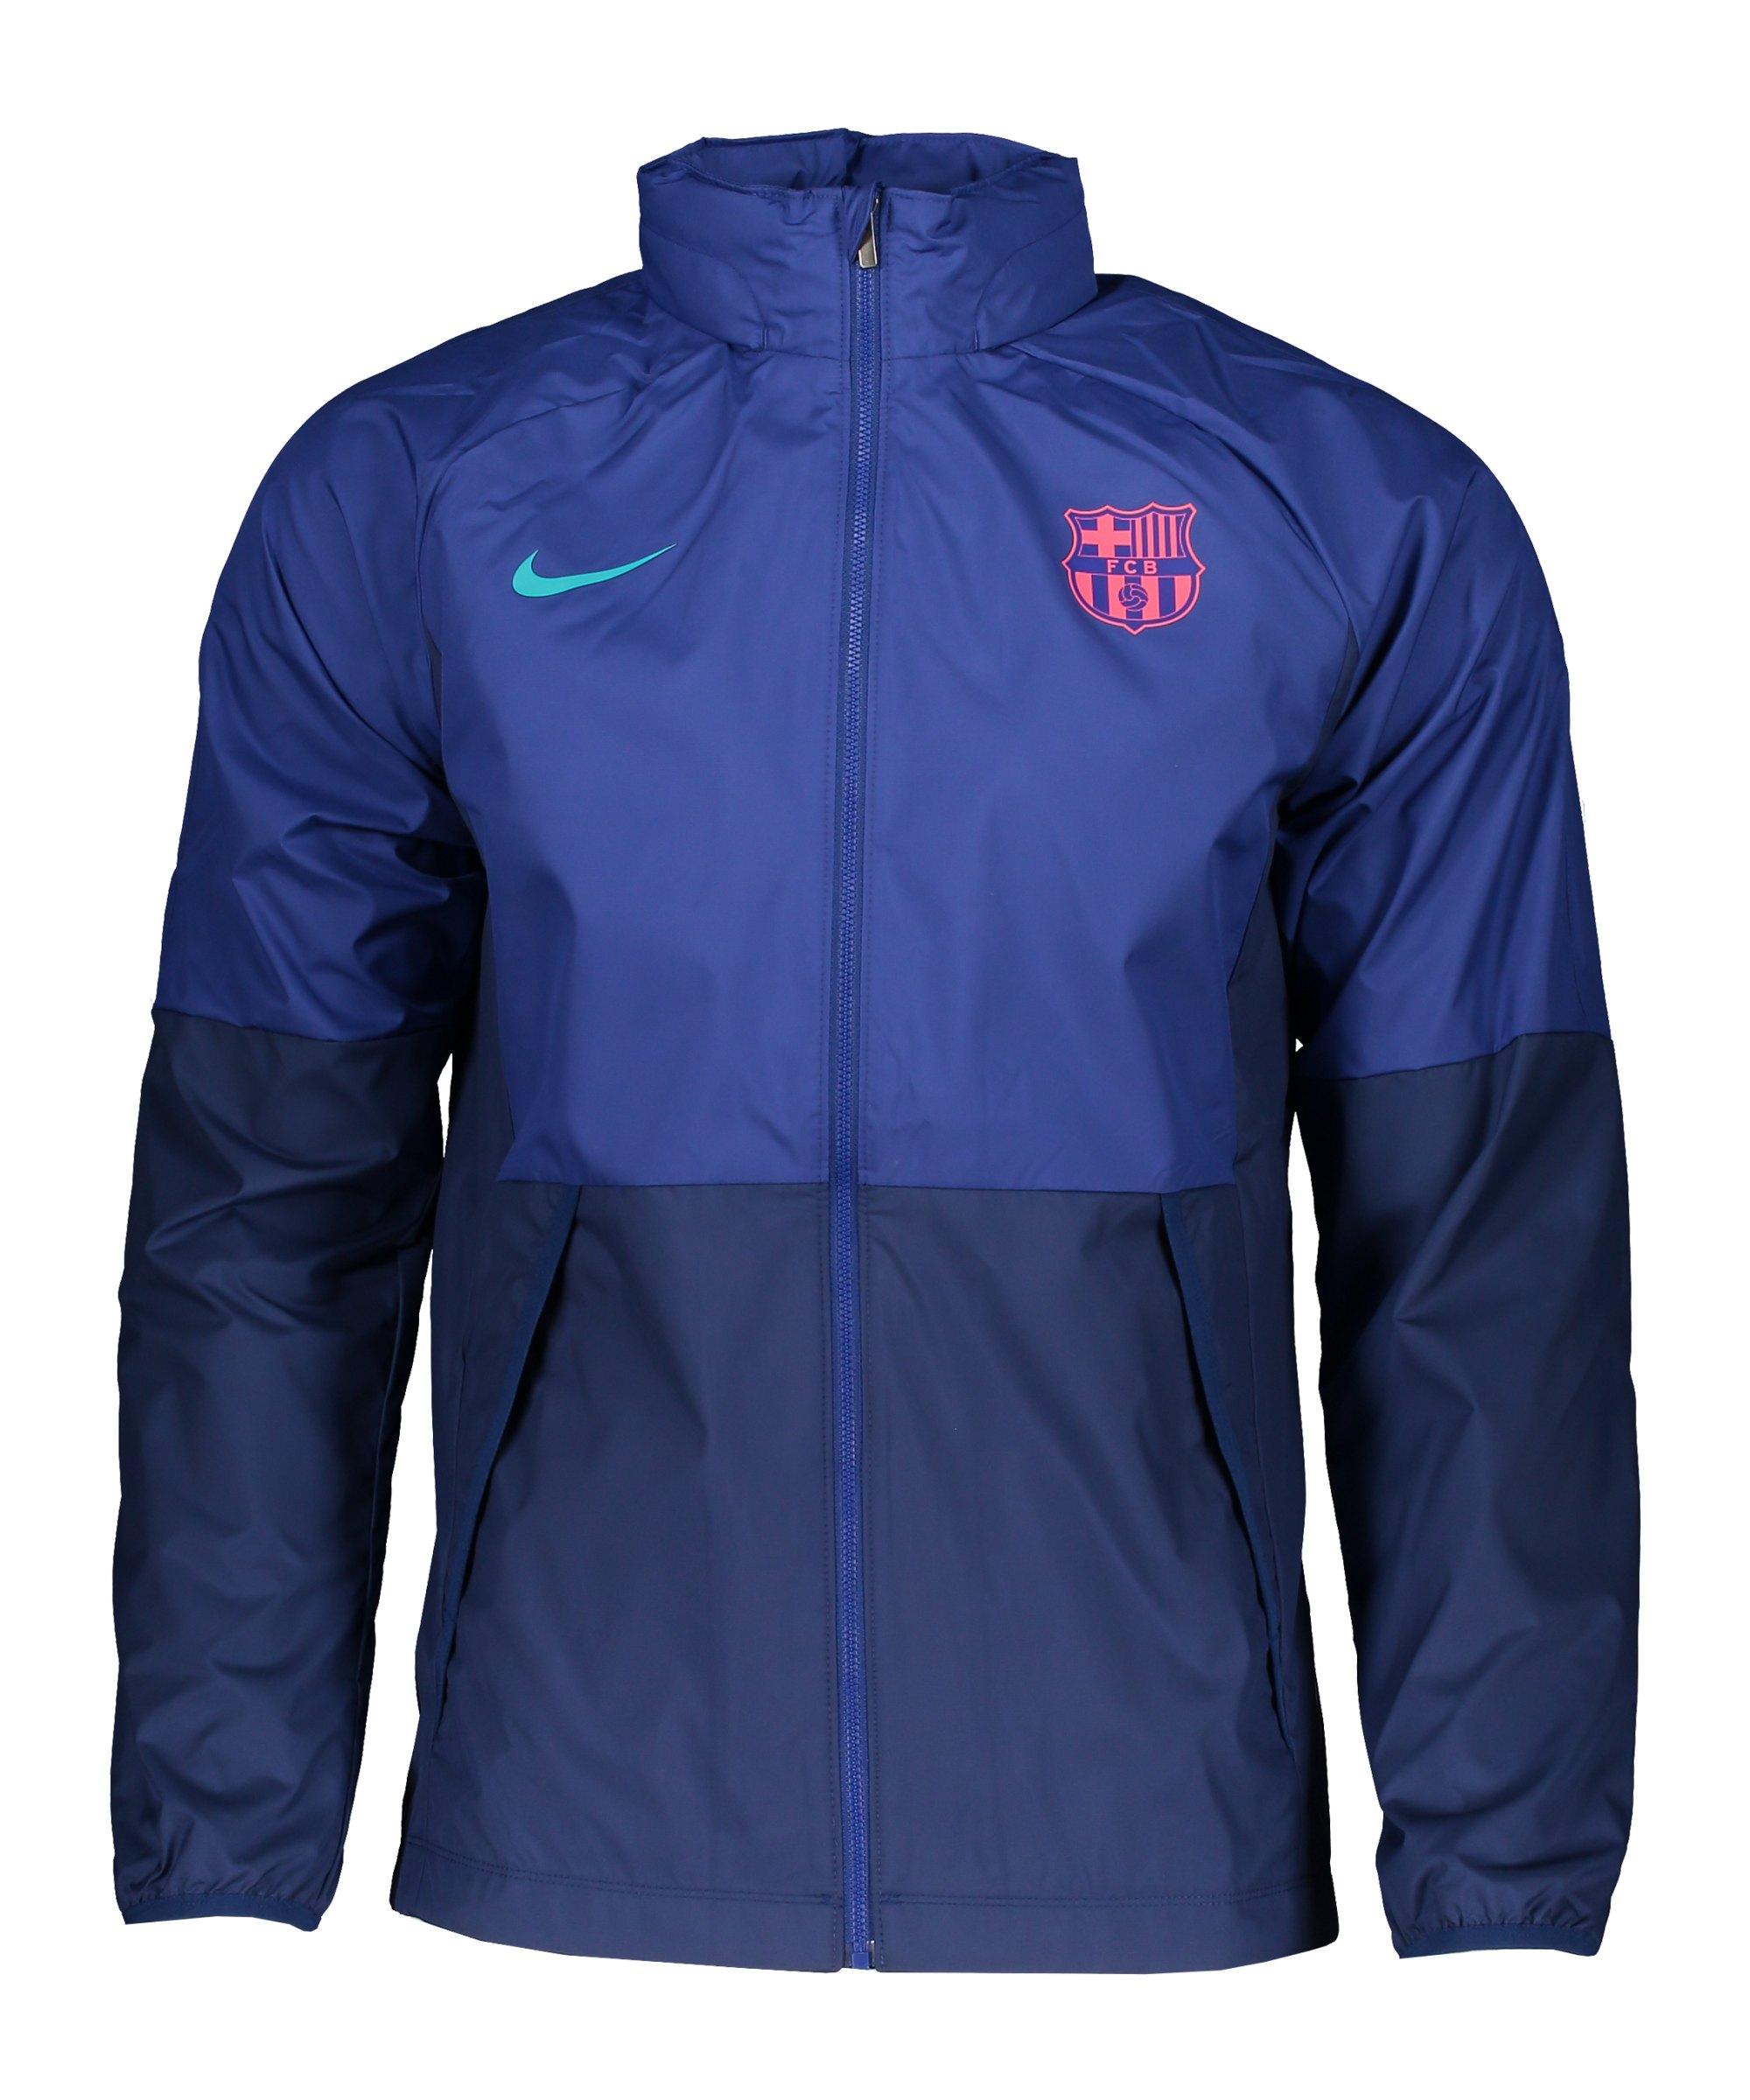 Nike FC Barcelona Jacke Blau F457 - blau